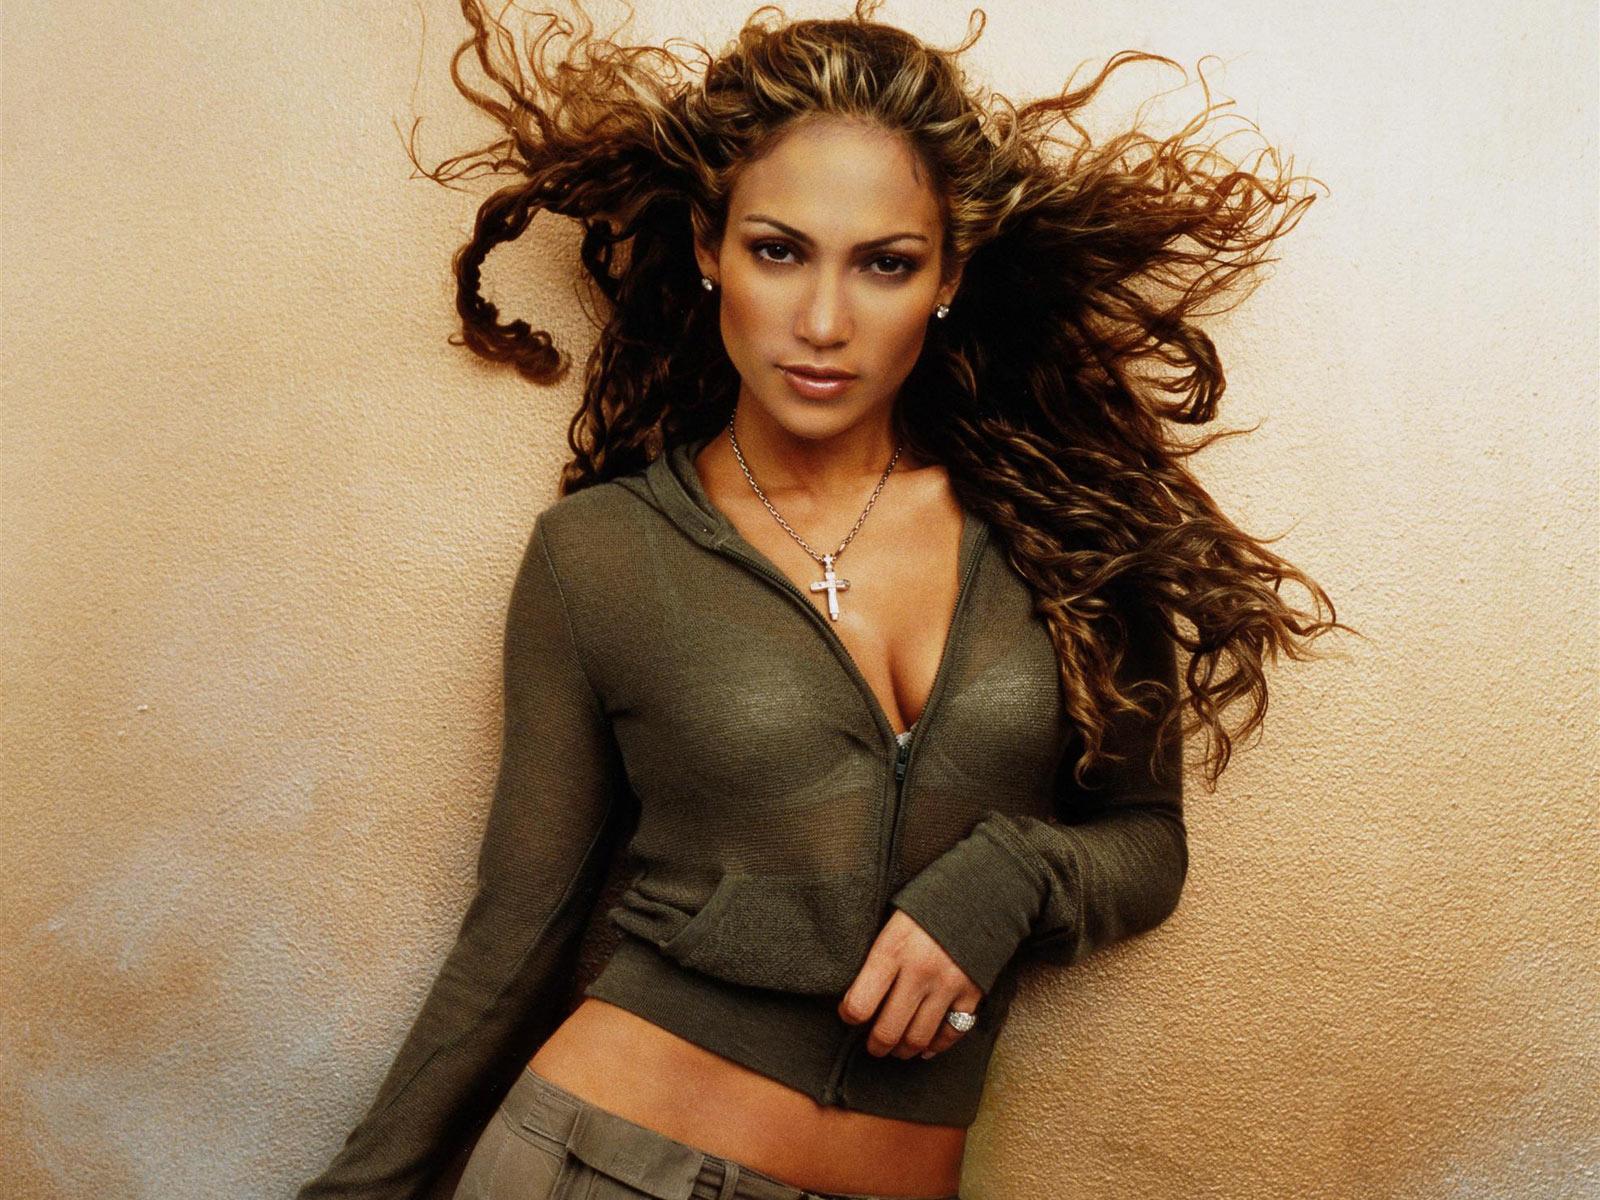 http://3.bp.blogspot.com/-PfMKaH9VeO0/TyAV-Kt8jZI/AAAAAAAAB84/mNrh3tyoh80/s1600/Jennifer-Lopez-Wallpapers-HD-Celebrities-5.jpg